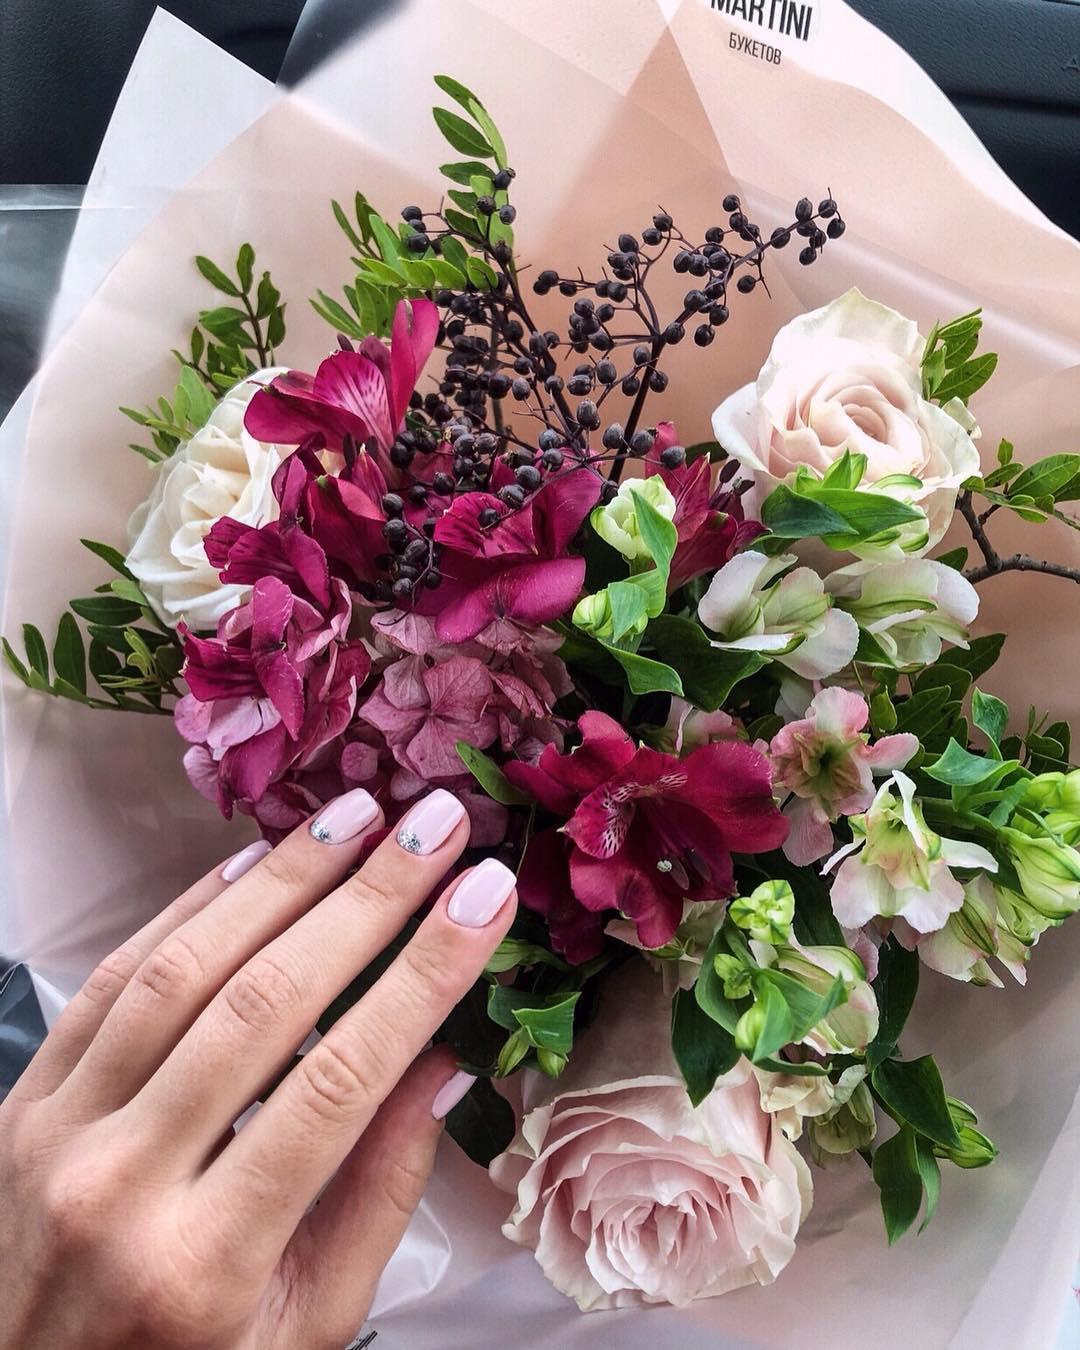 Оптом, свадебные букеты в гомеле фото и цены